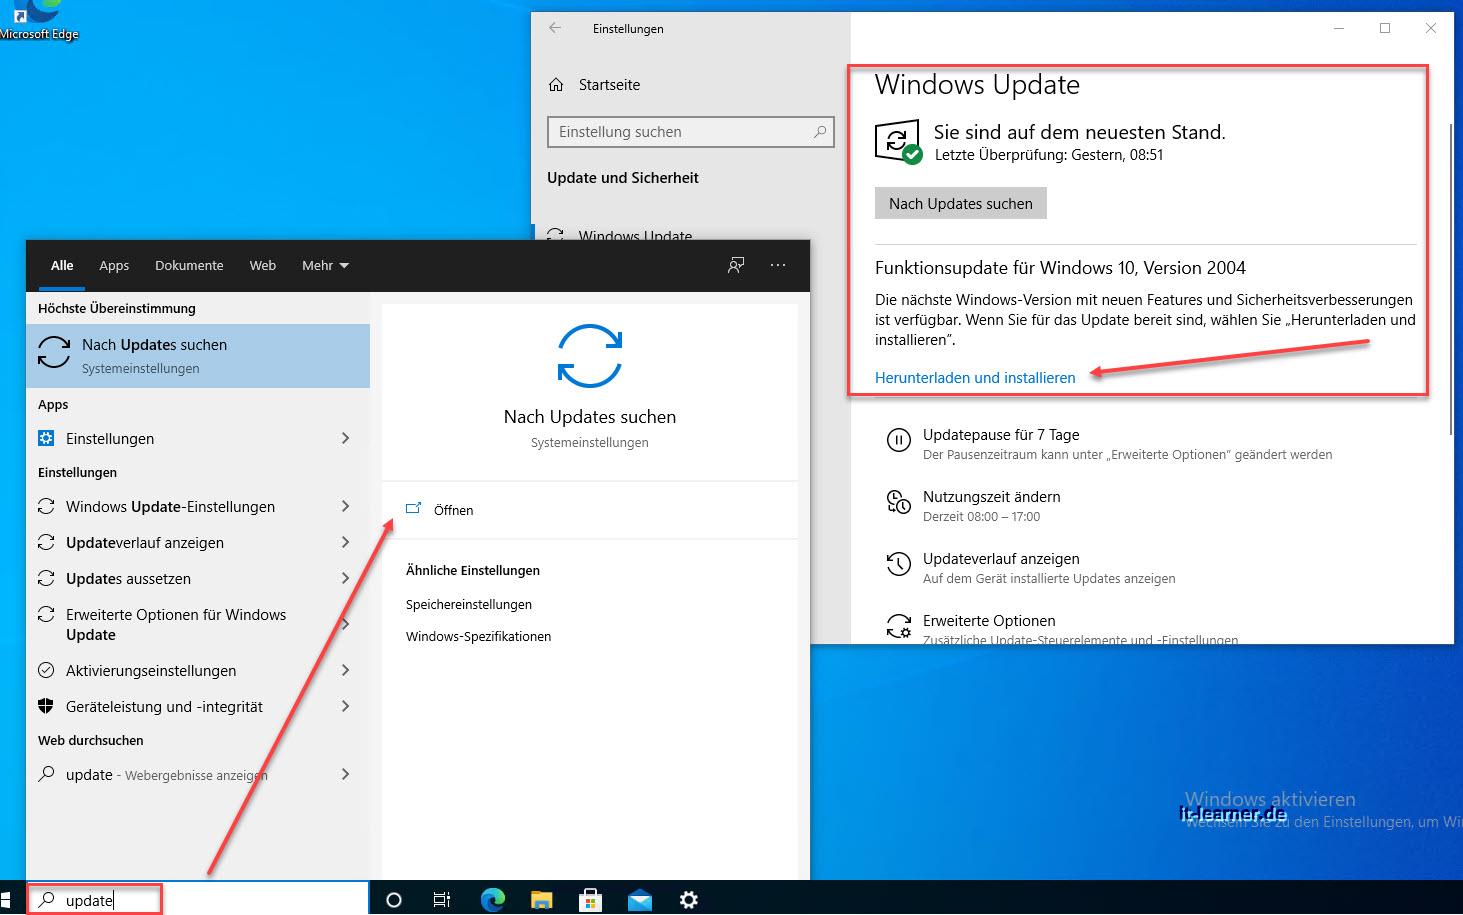 Windows Neue Funktionsupdate Installieren